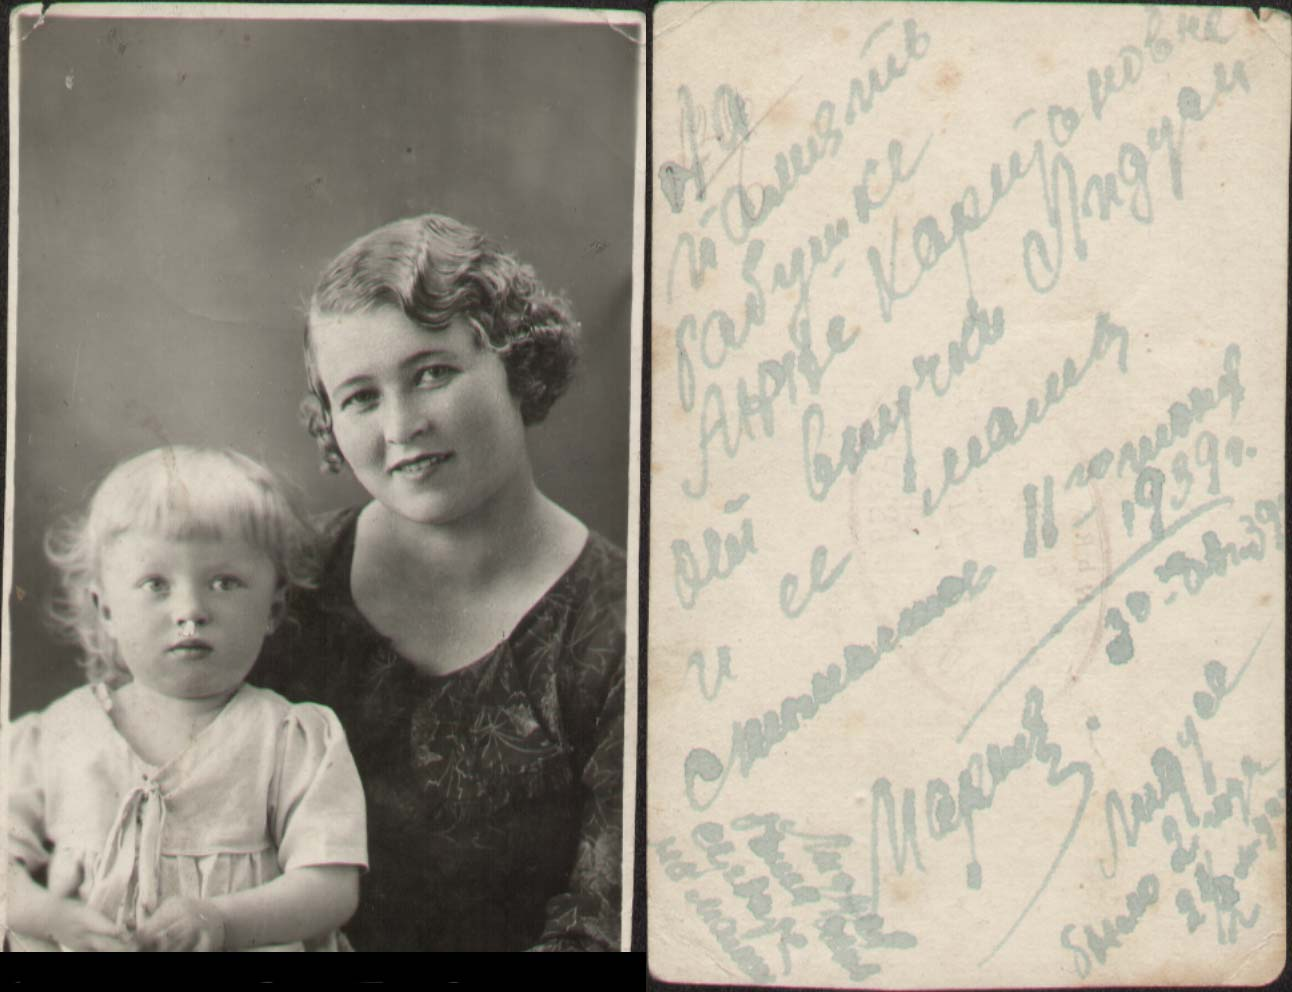 Лысенко (?) Мария с дочкой Лидой. Справа— оборотная сторона с подписями. Фото сделано 11 июня 1939г. вИркутске